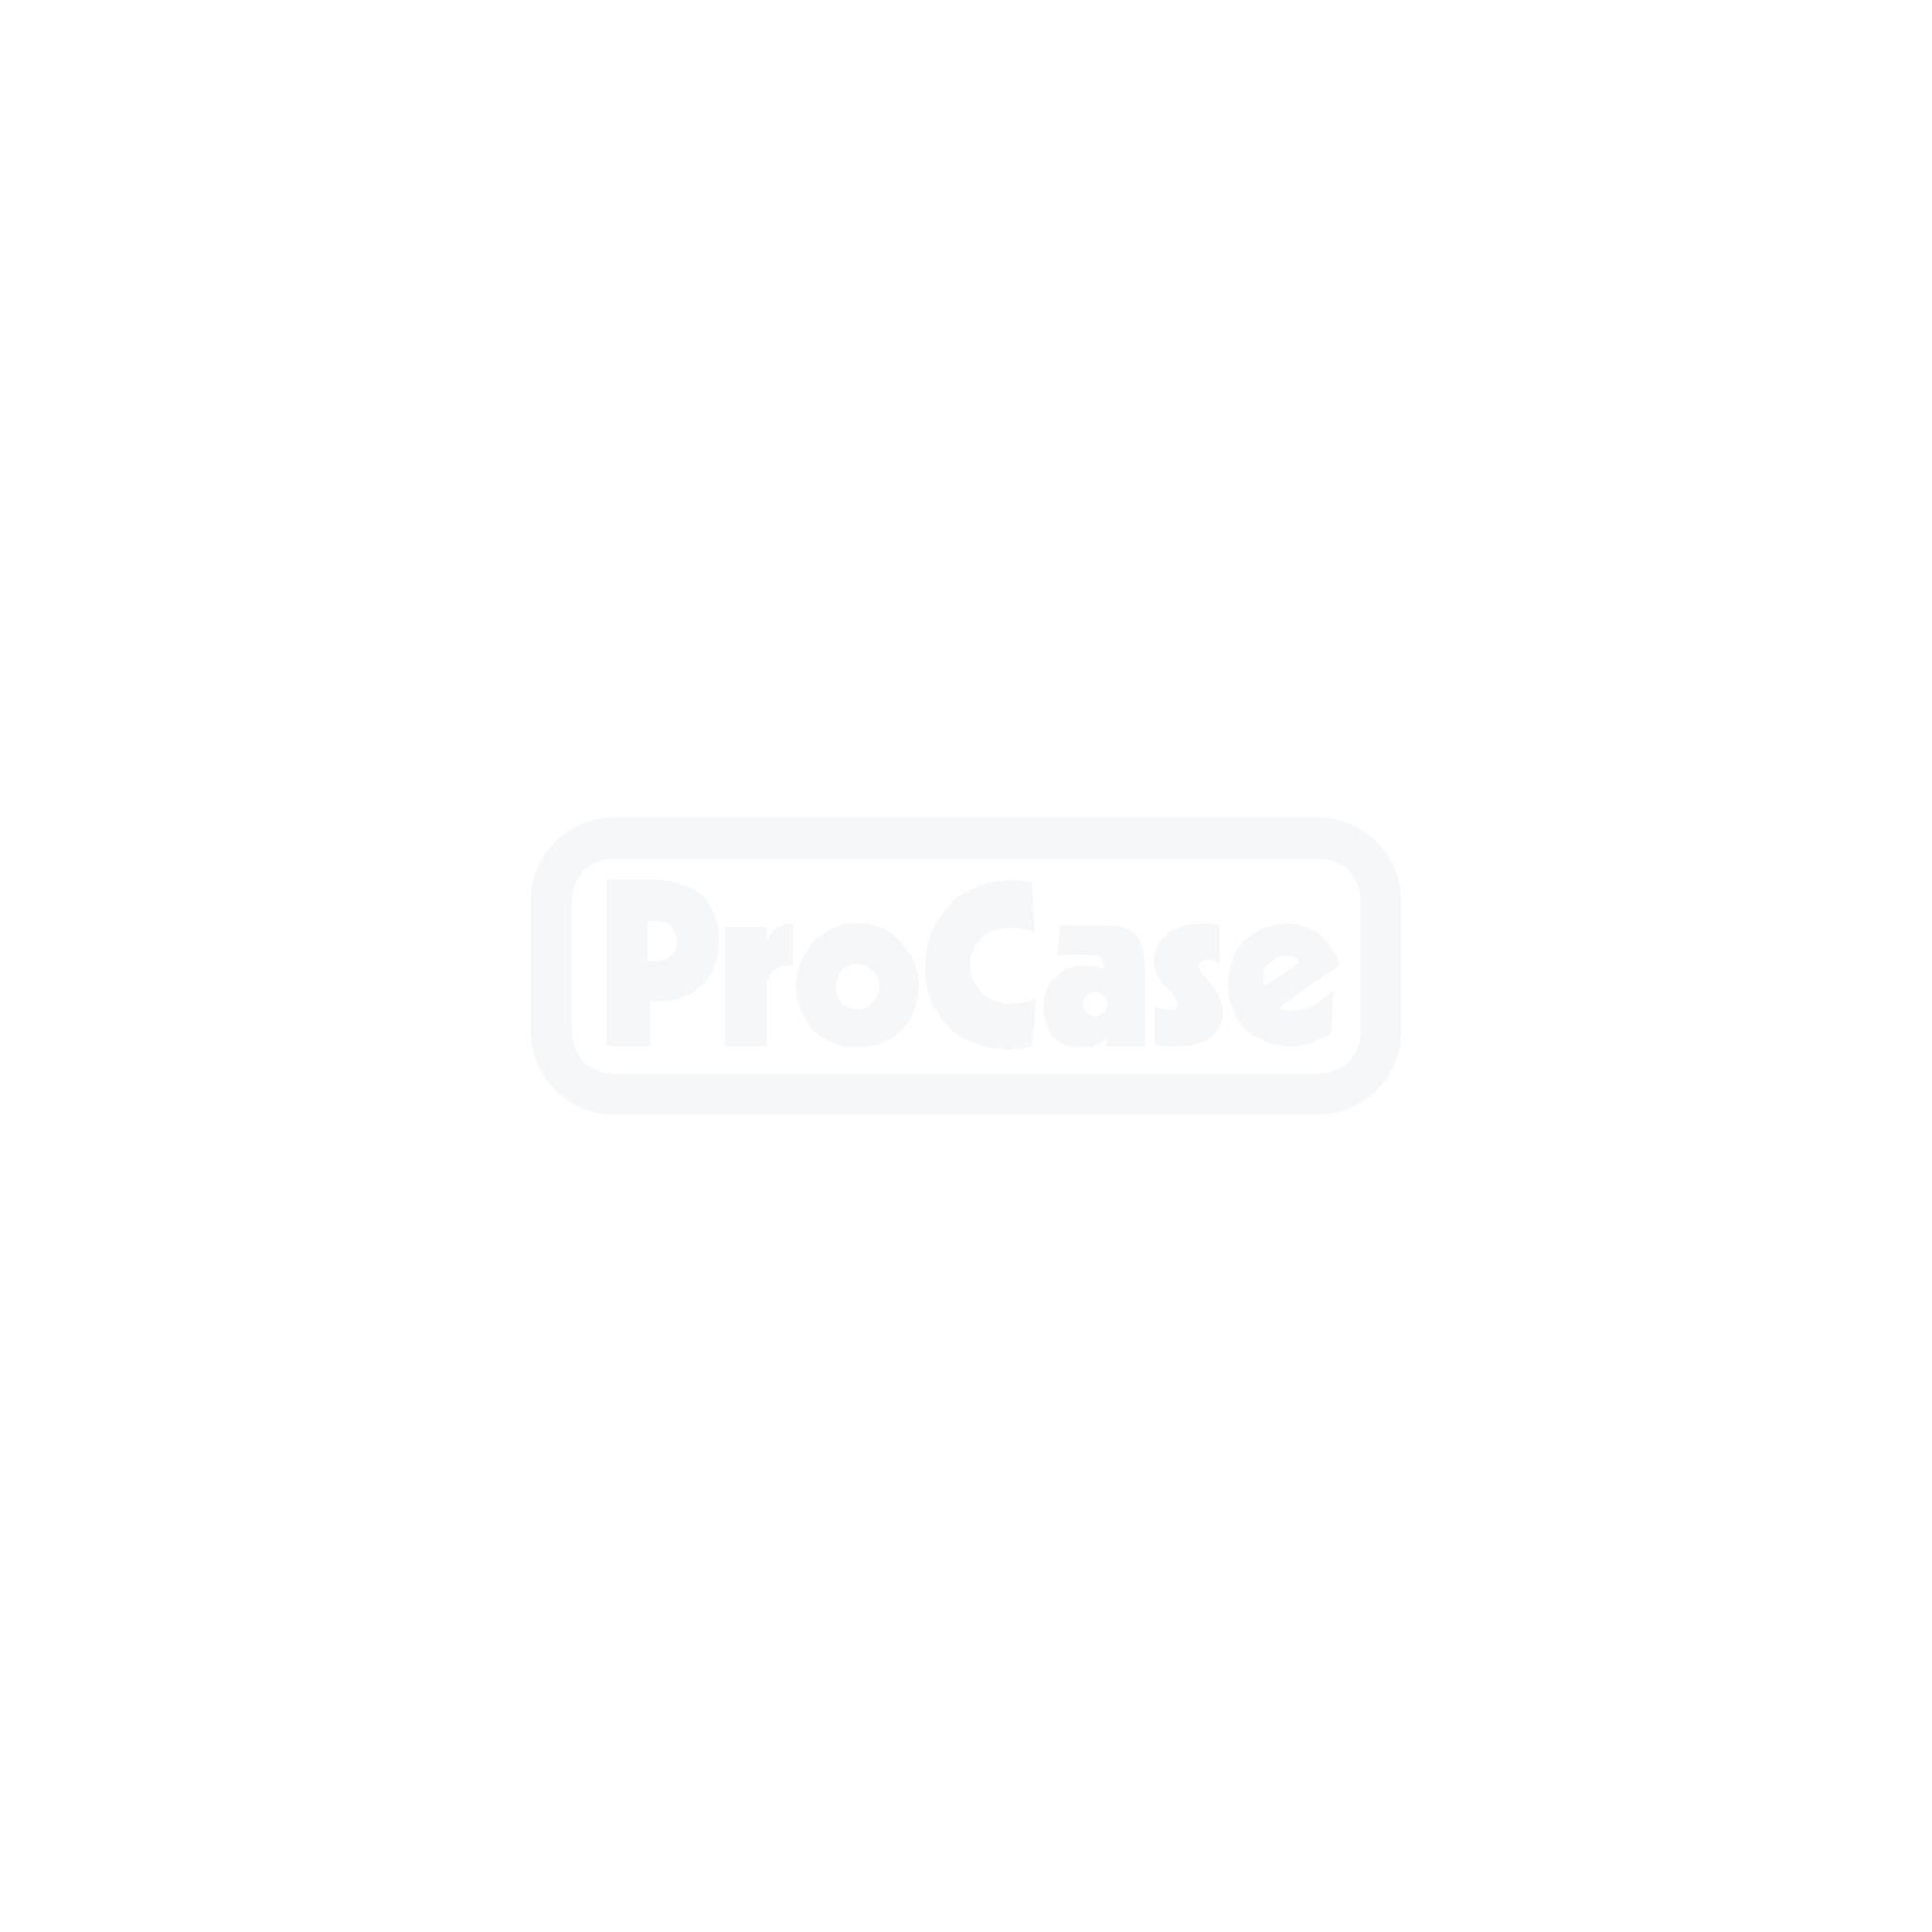 Transportwagen für Lägler Parkettschleifmaschine 2